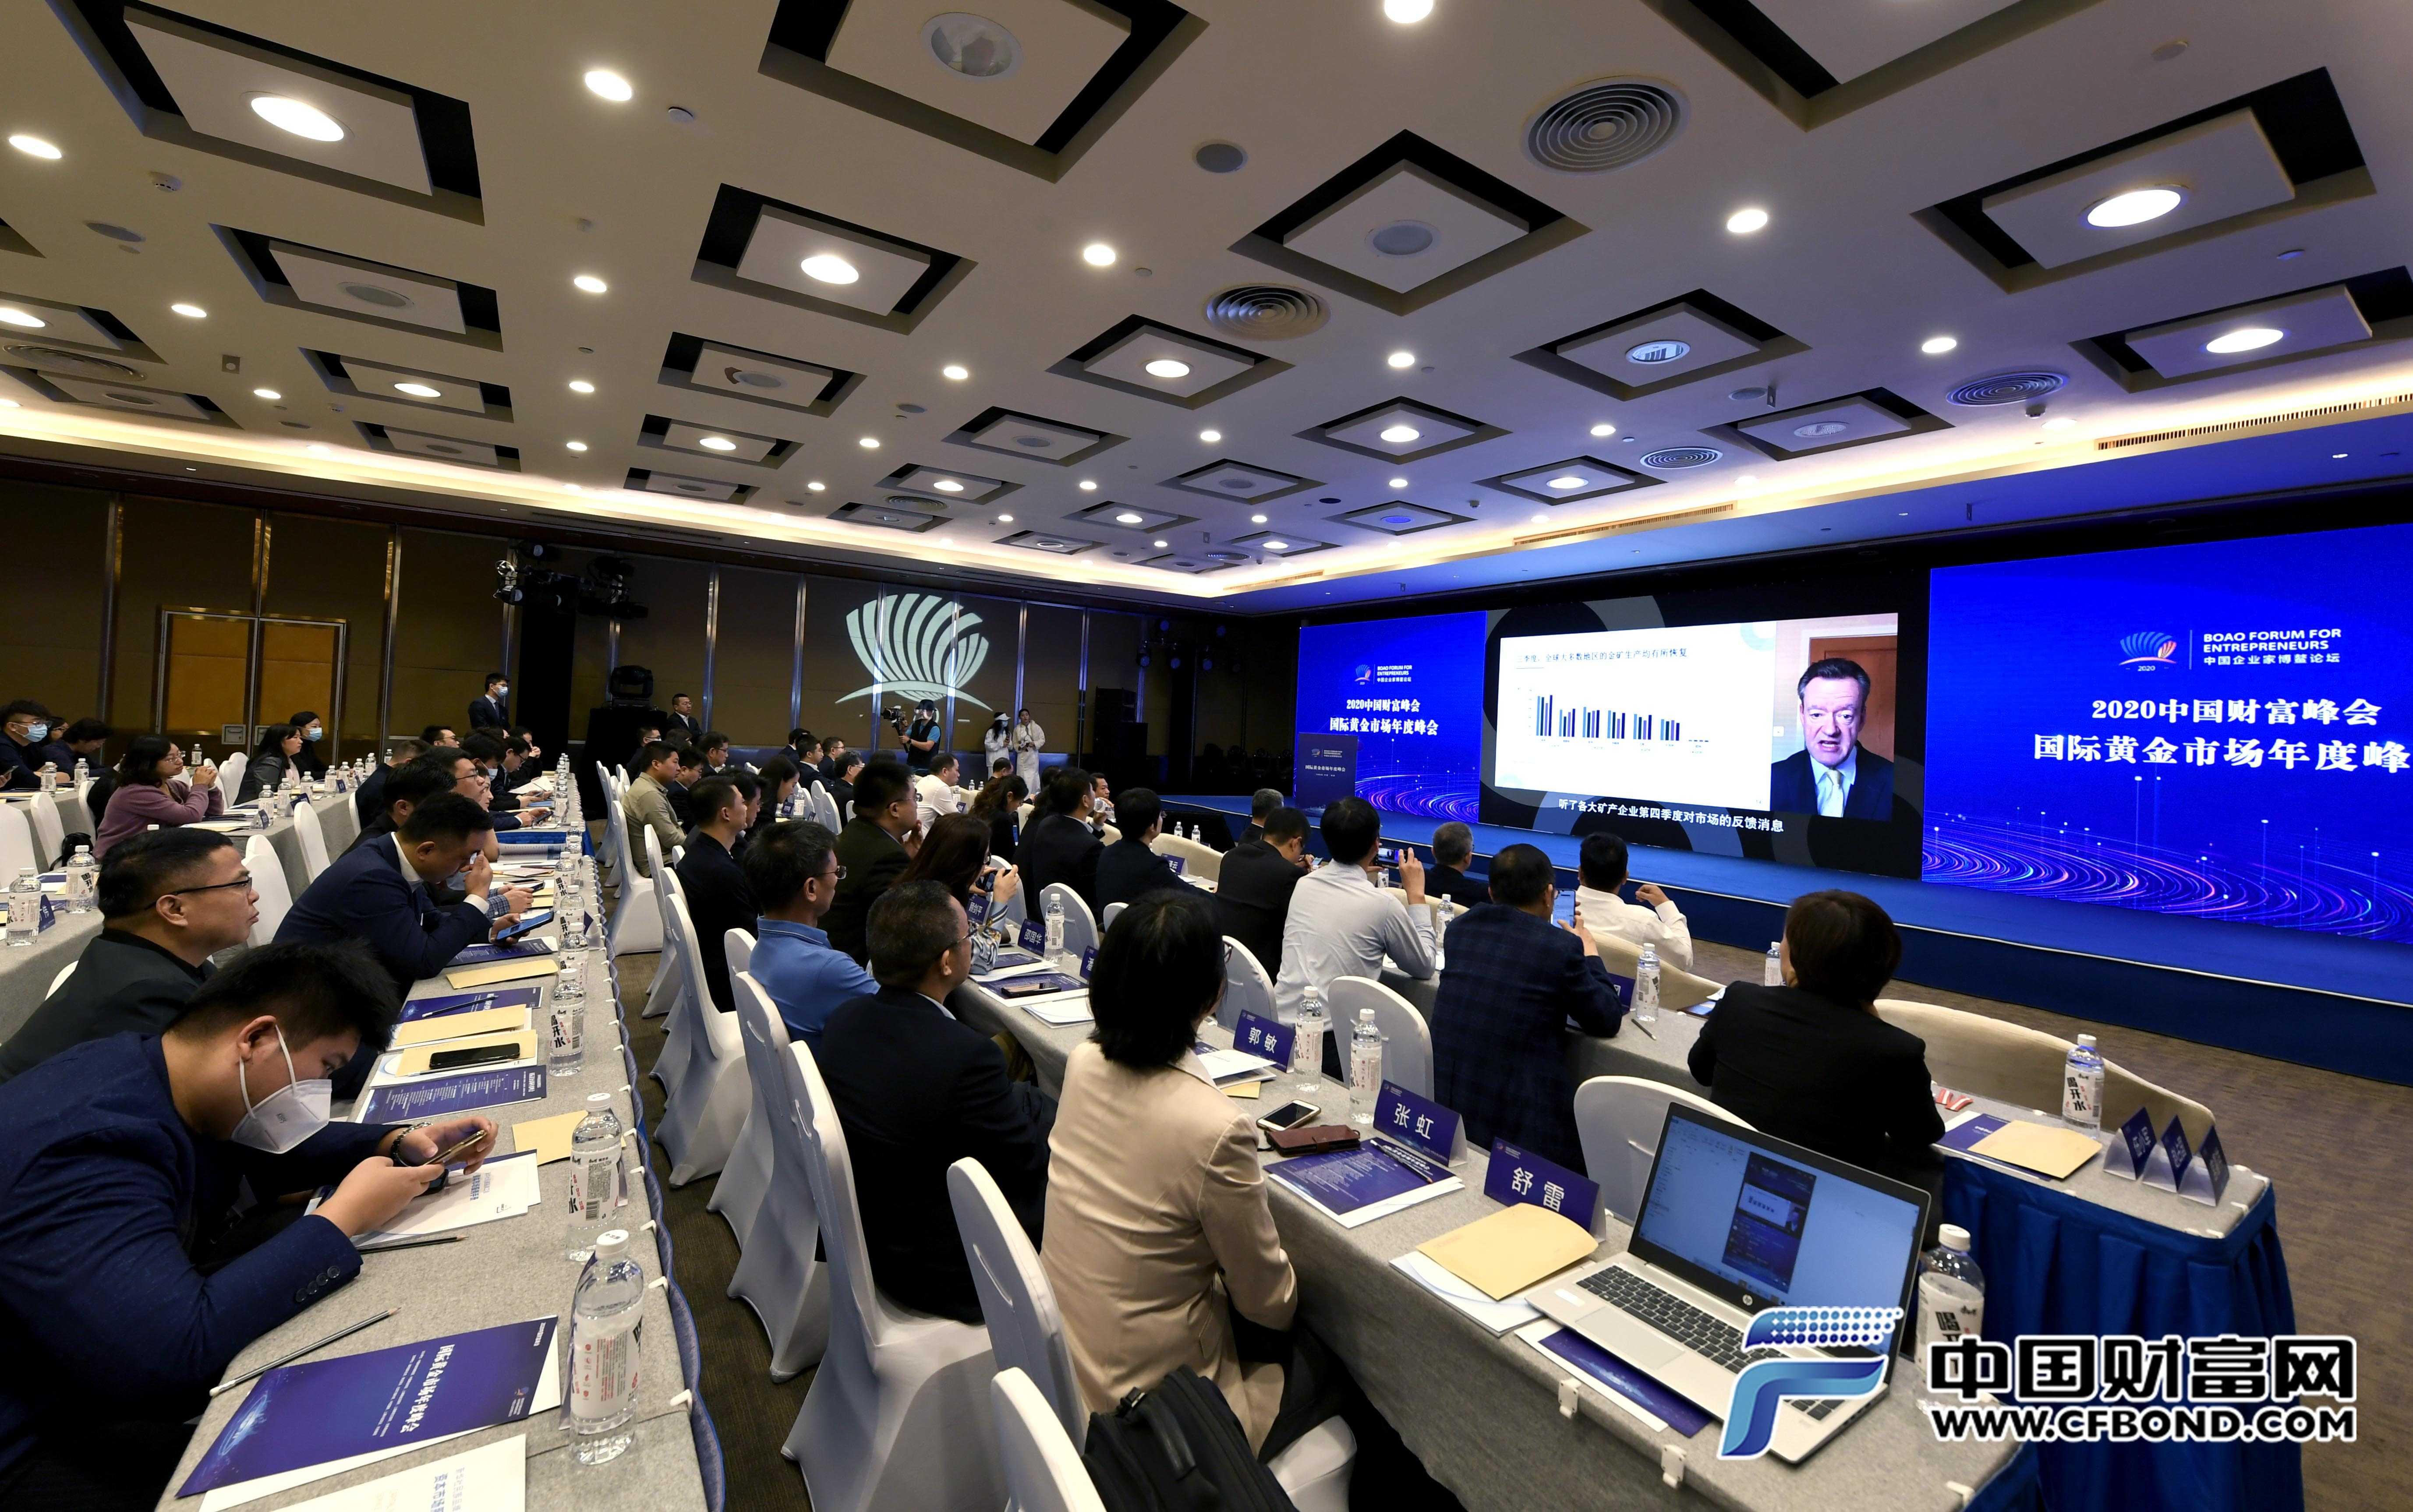 2020中国企业家博鳌论坛国际黄金市场年度峰会会场全景